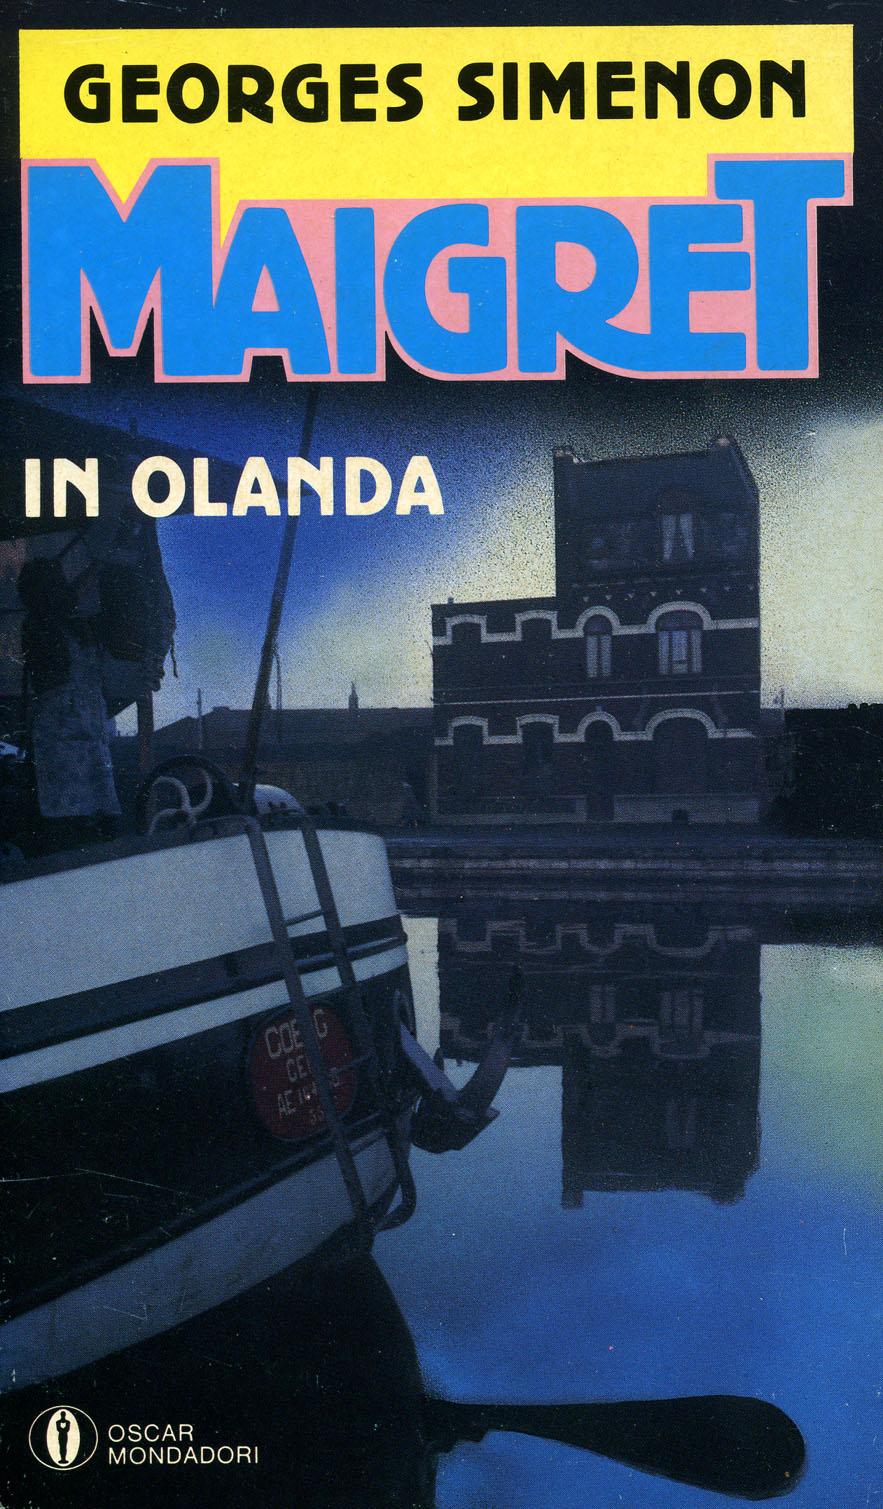 Maigret in Olanda